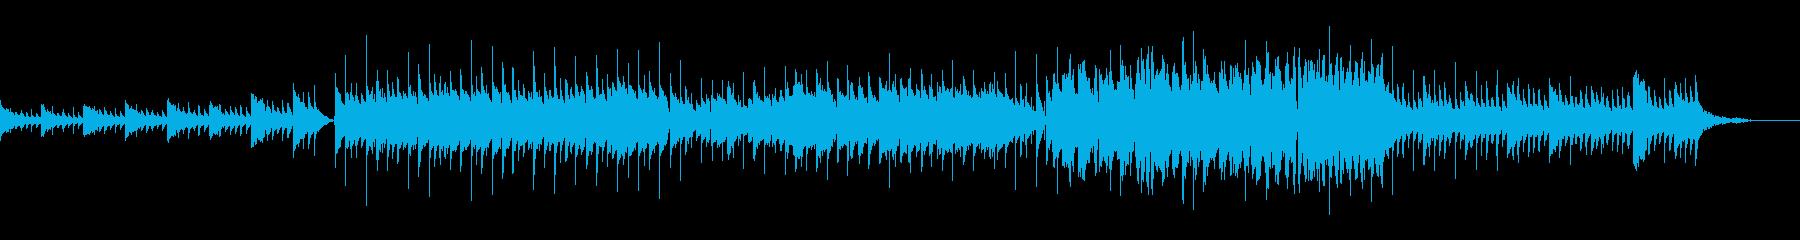 星空をイメージしたピアノとベルのBGMの再生済みの波形